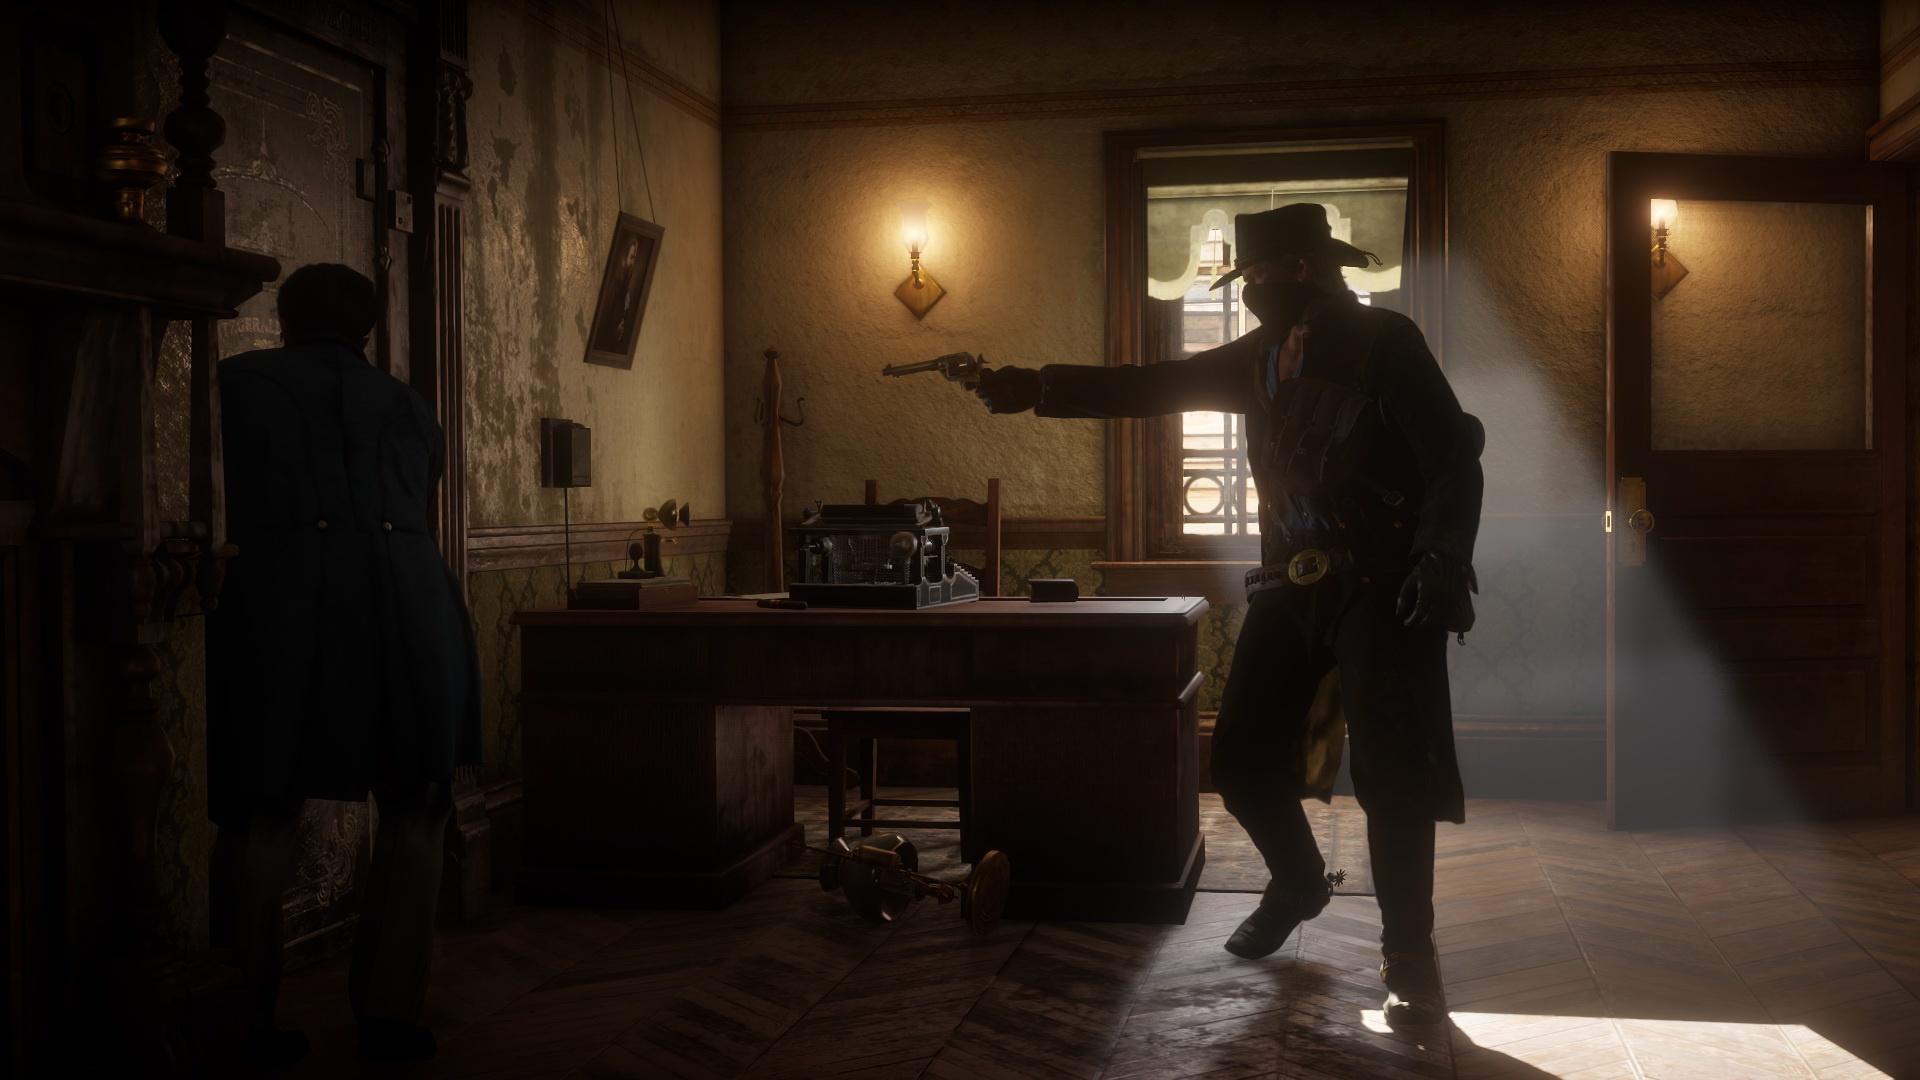 Neue Screenshots zu Red Dead Redemption 2 zeigen Tierwelt, Open World und Charaktere. Bild 21 - Quelle: Rockstar Games